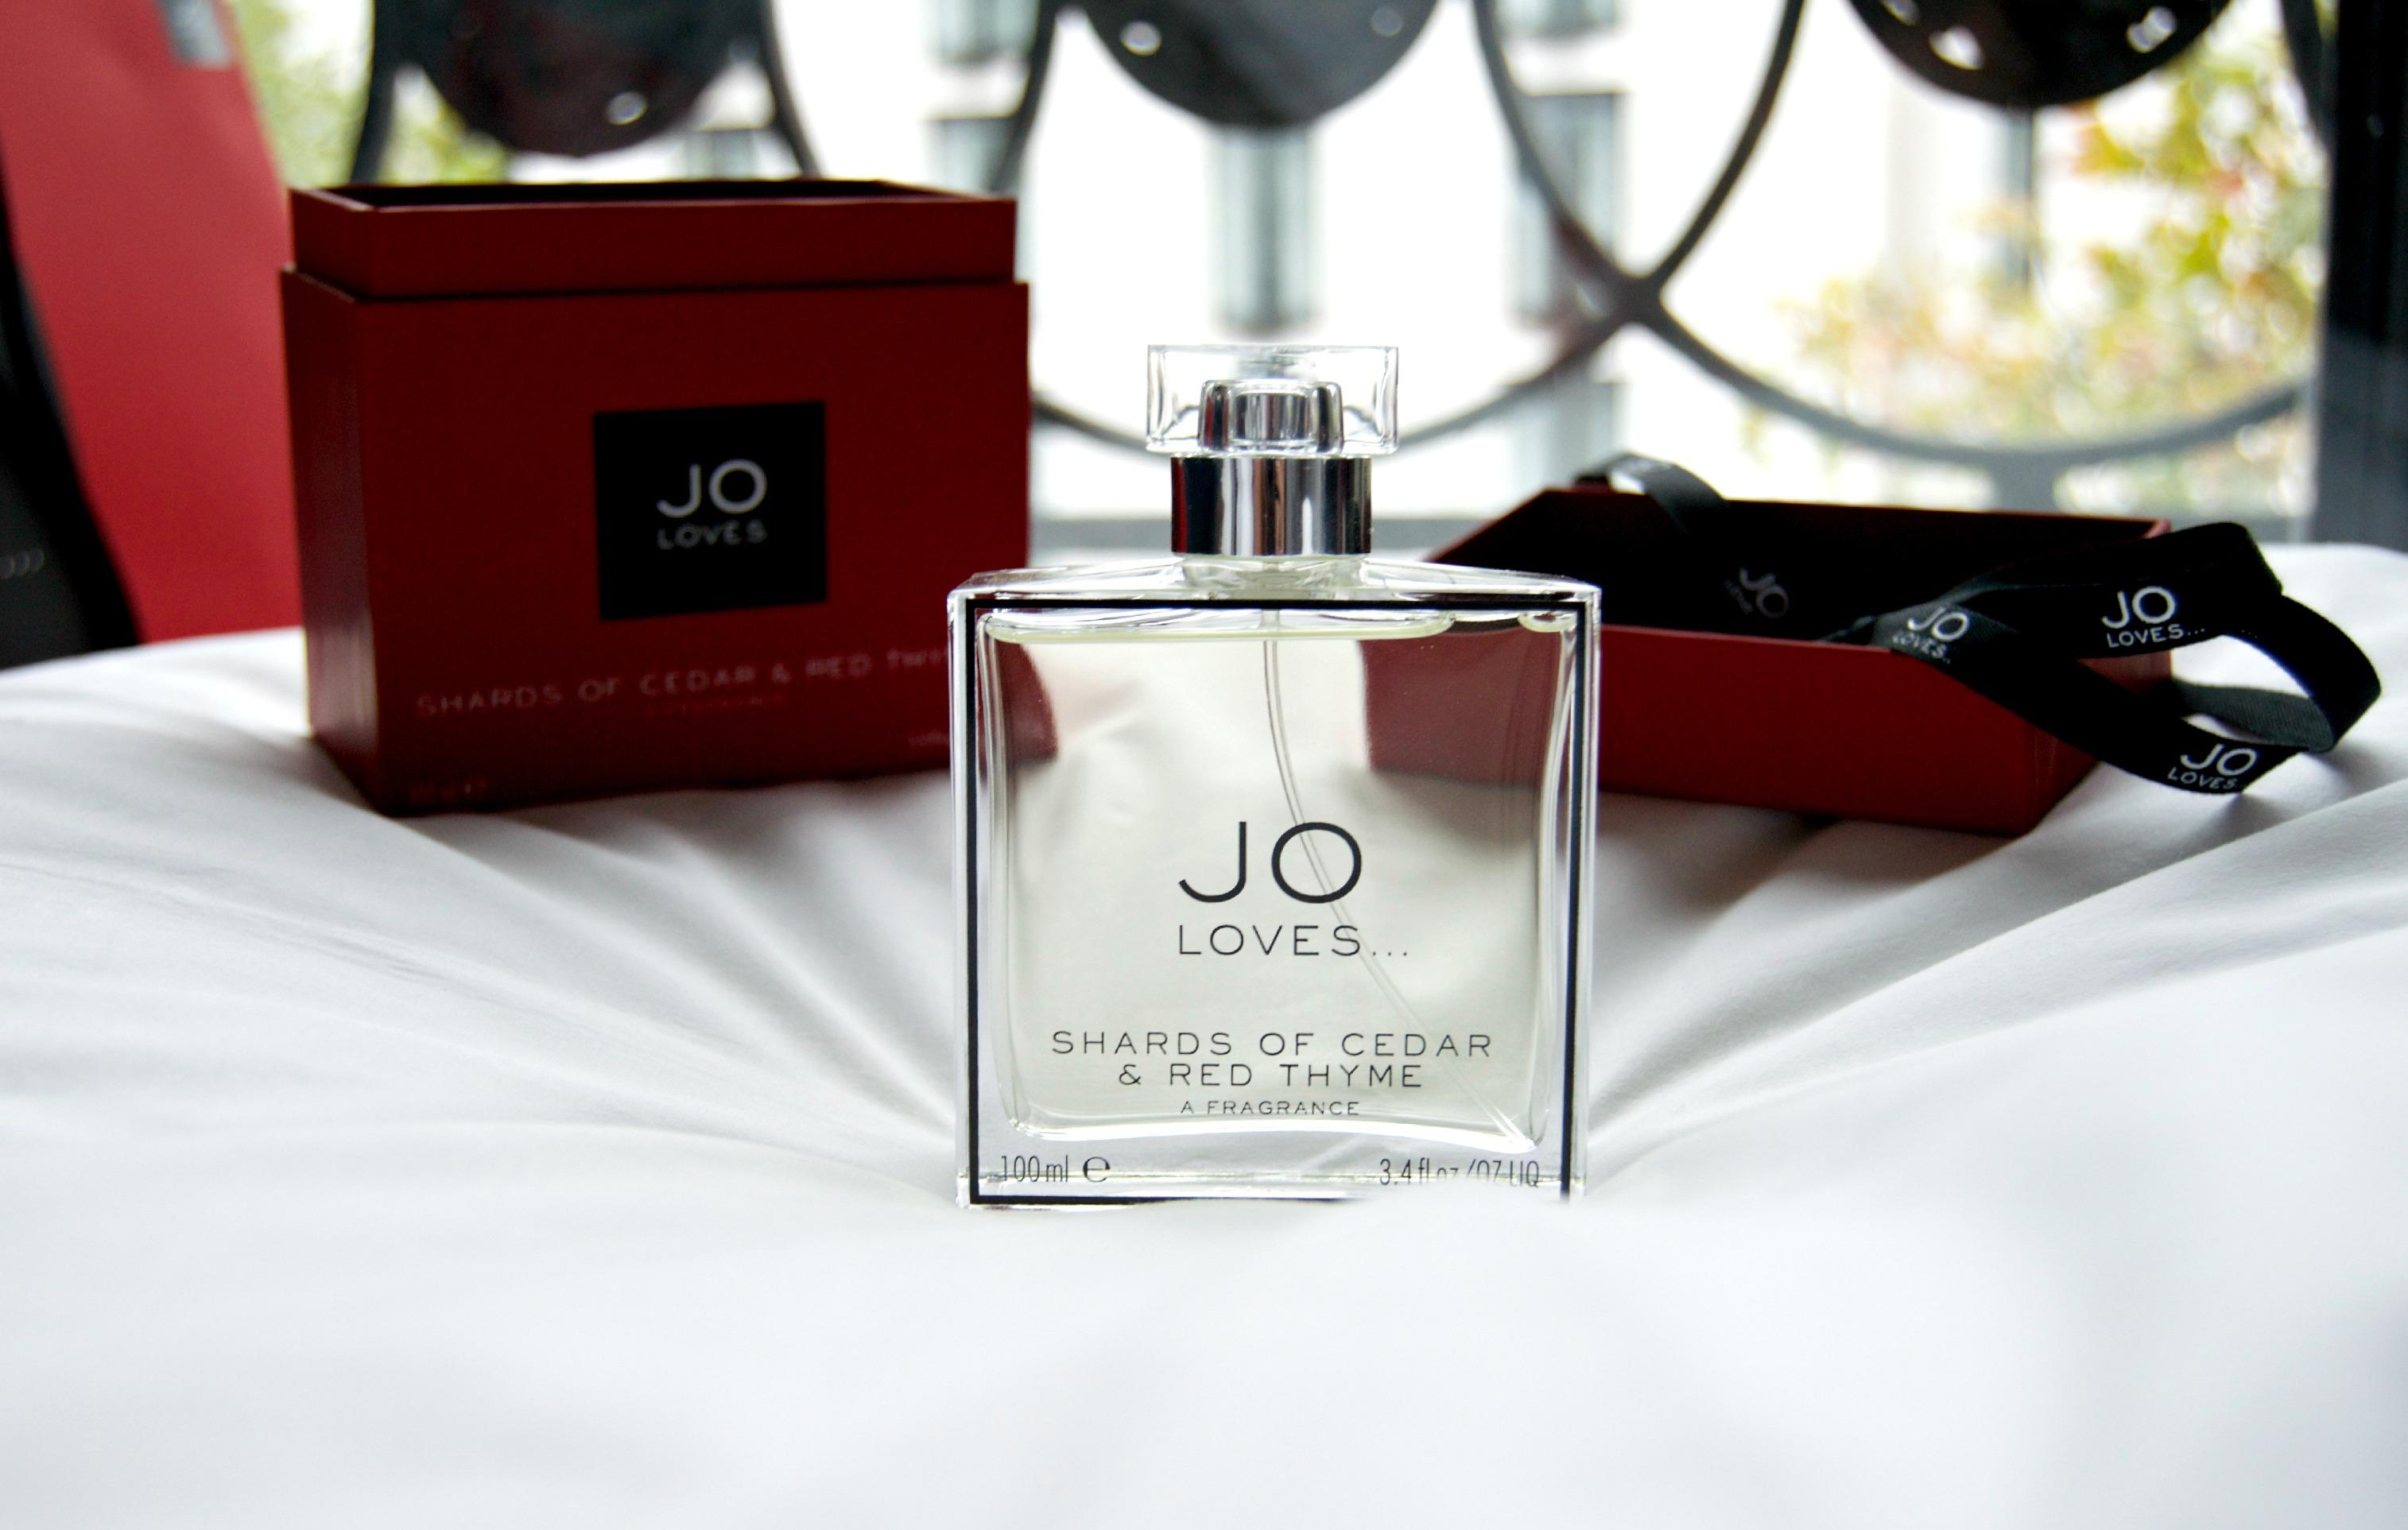 #JoLoves